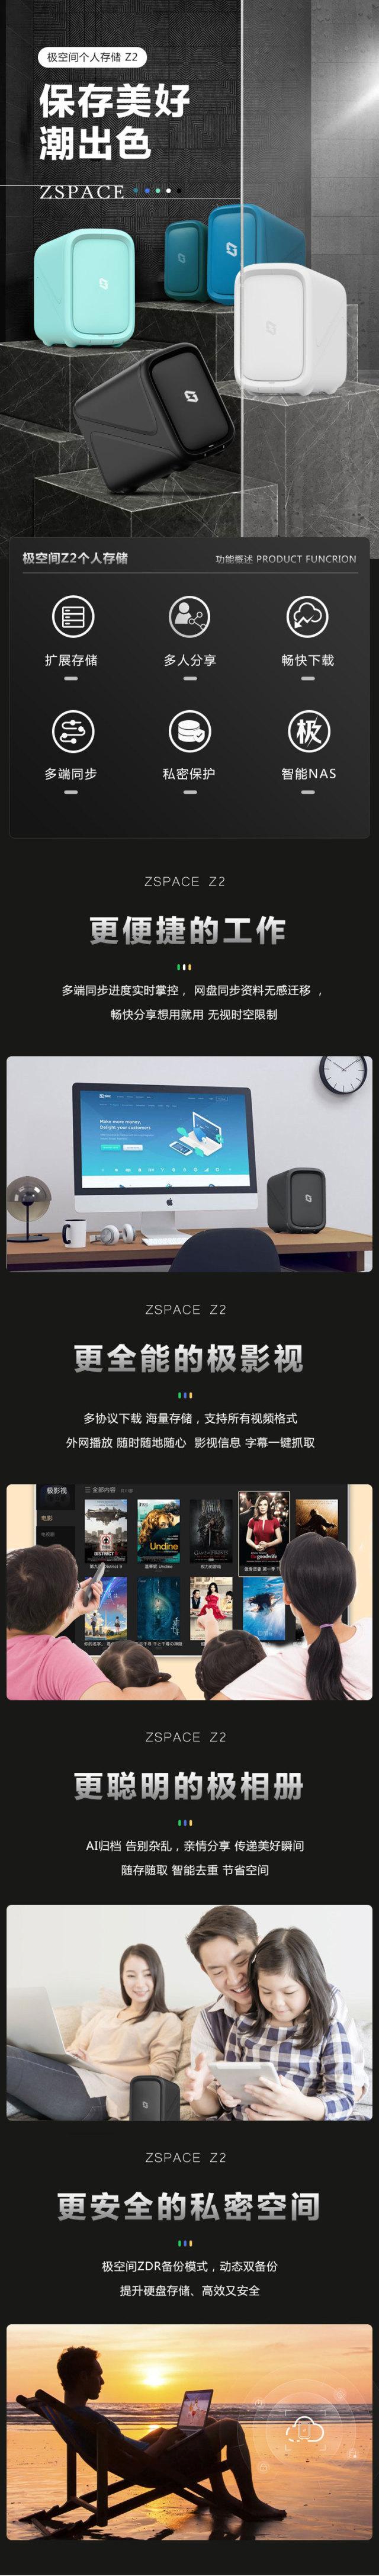 极空间私有云Z2